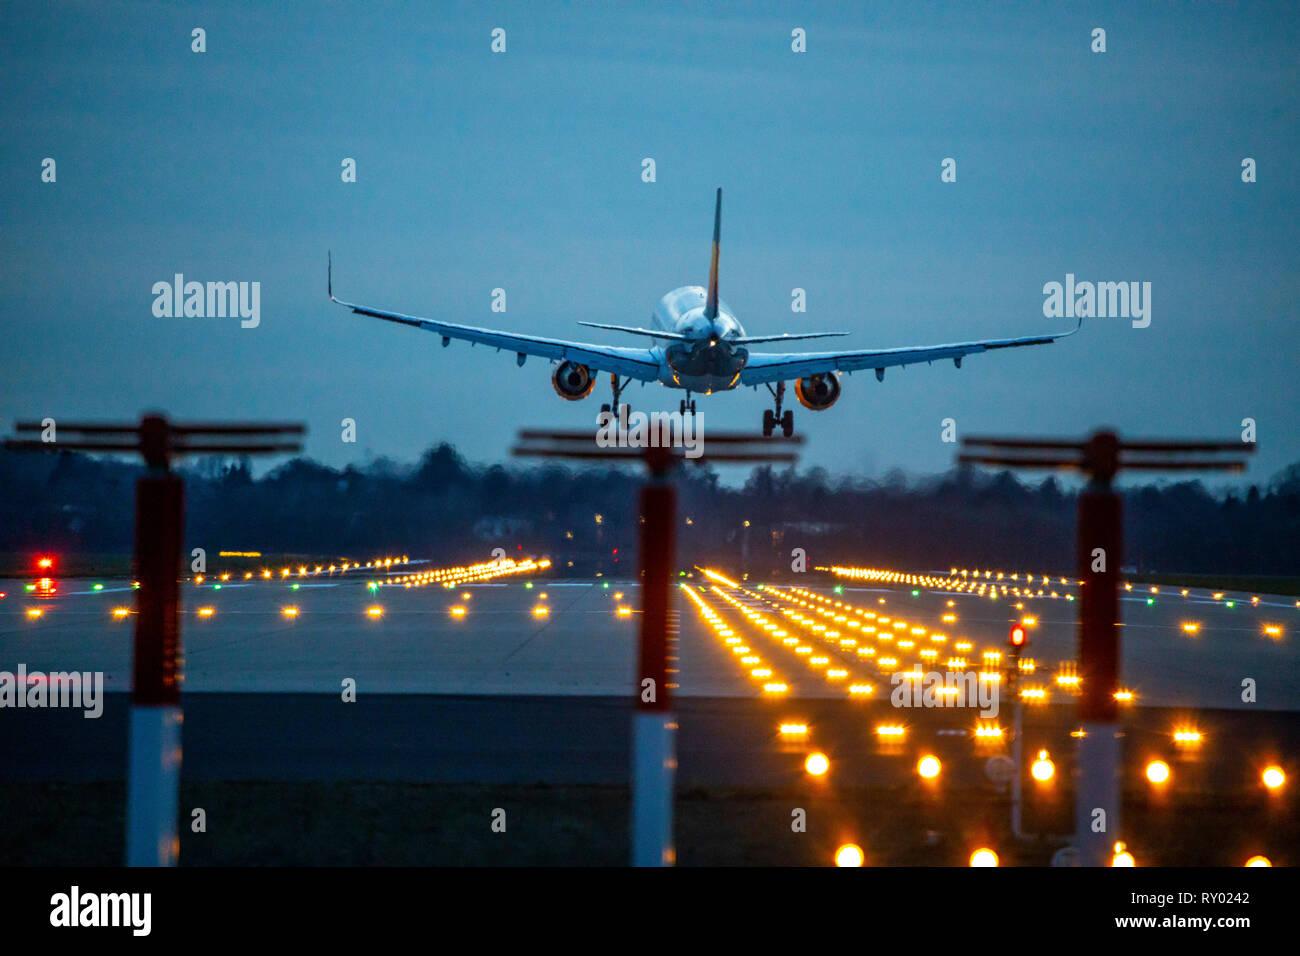 L'Aéroport International de Düsseldorf, DHS, avion atterrit sur la piste du nord, Allemagne, Banque D'Images